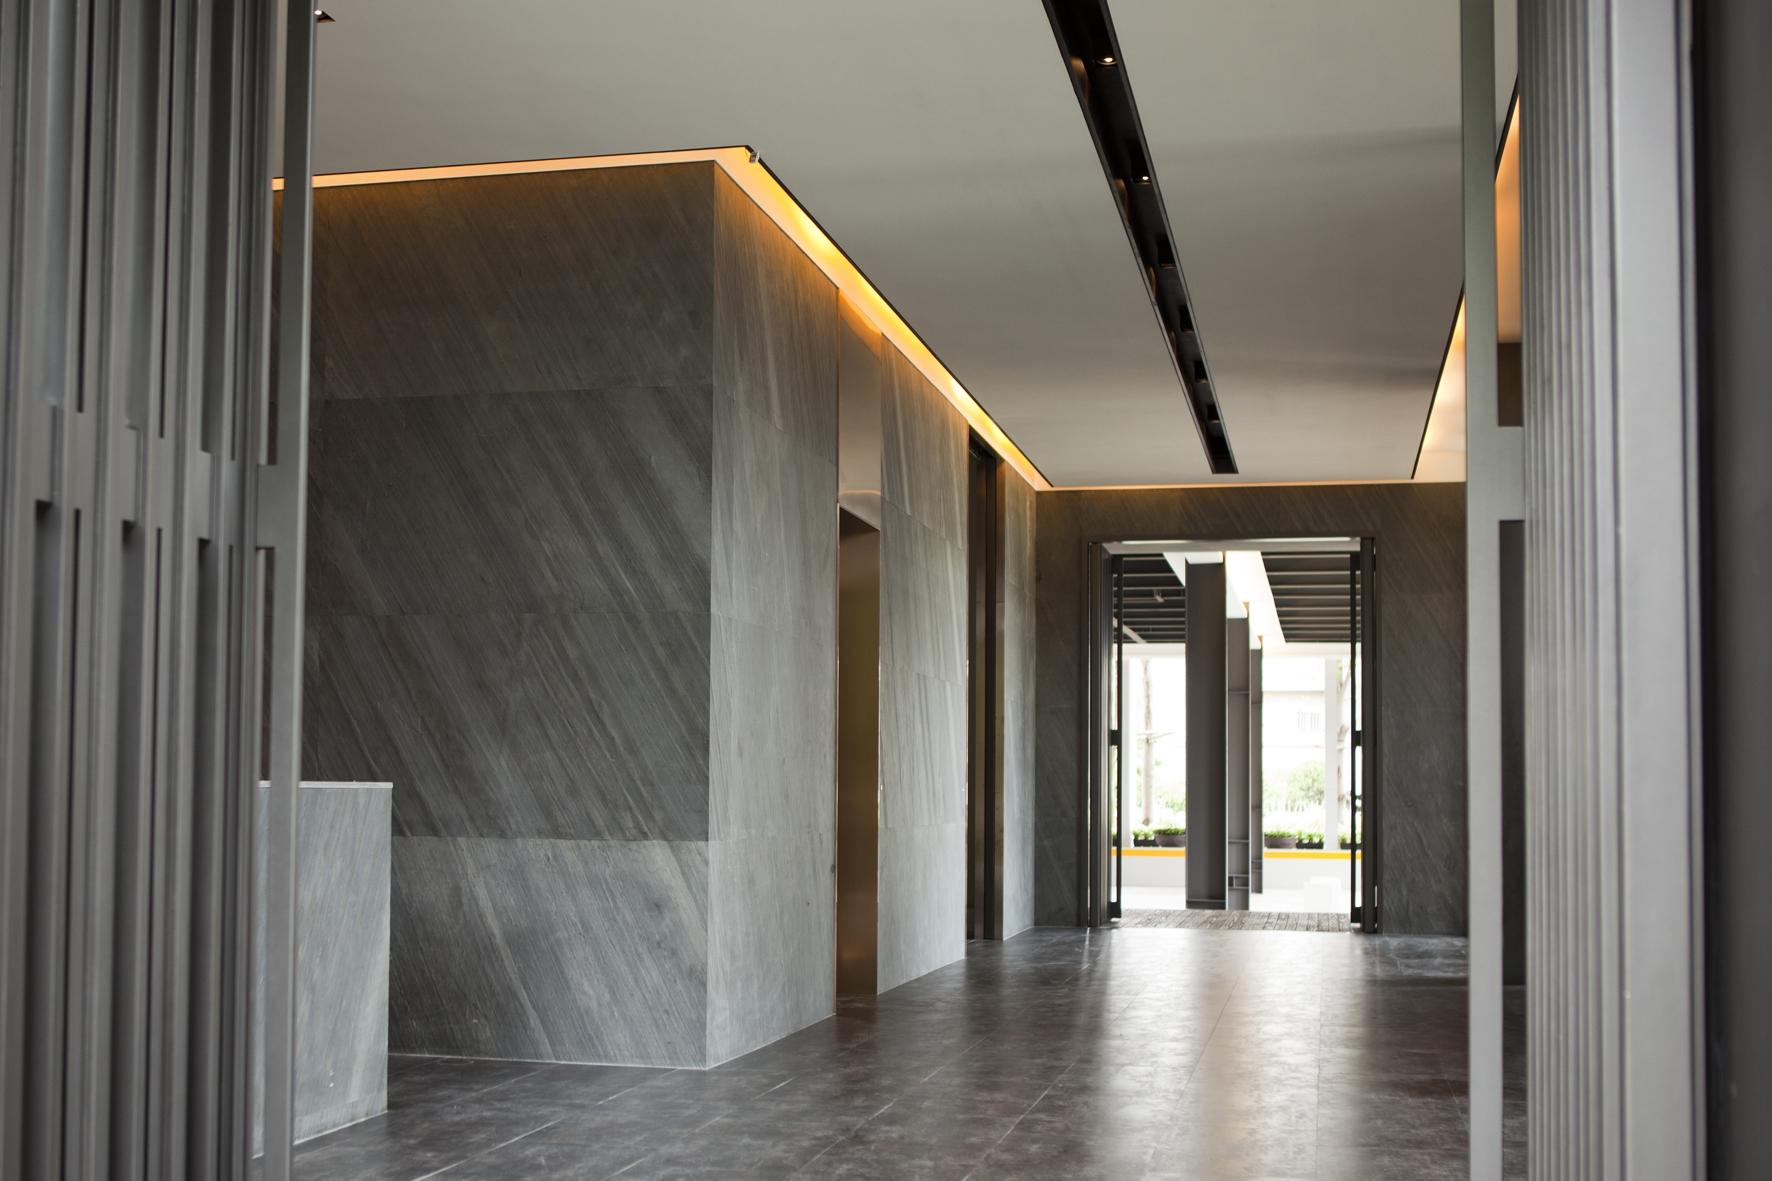 feuille de pierre feuille de pierre feuille de pierre translucide feuille de pierre choix du. Black Bedroom Furniture Sets. Home Design Ideas